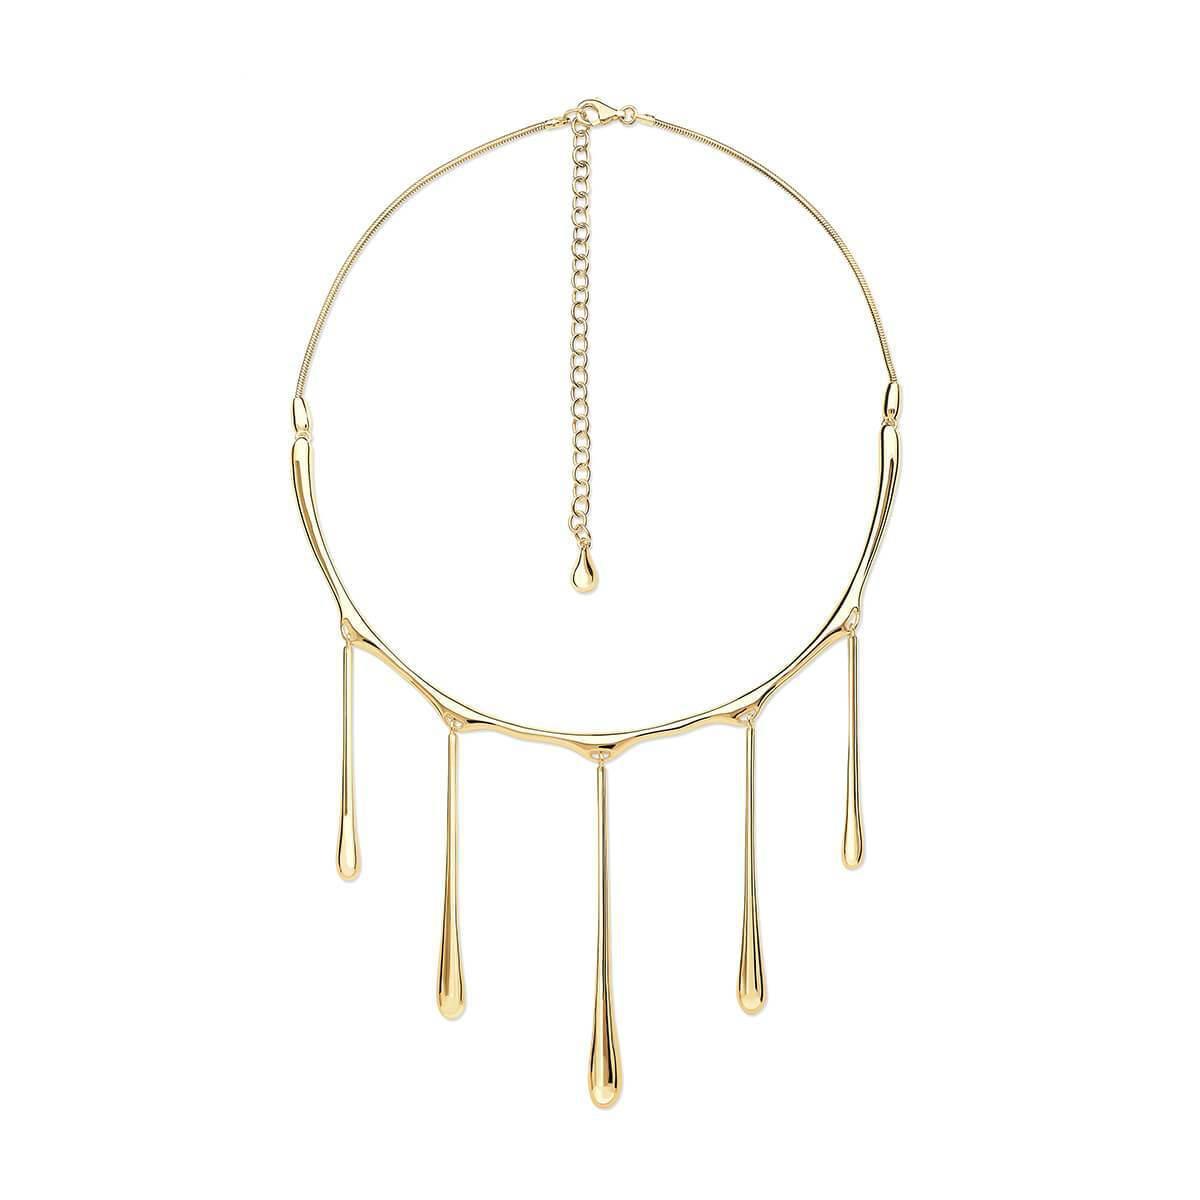 Lucy Quartermaine 7 Drop Necklace T1qGk